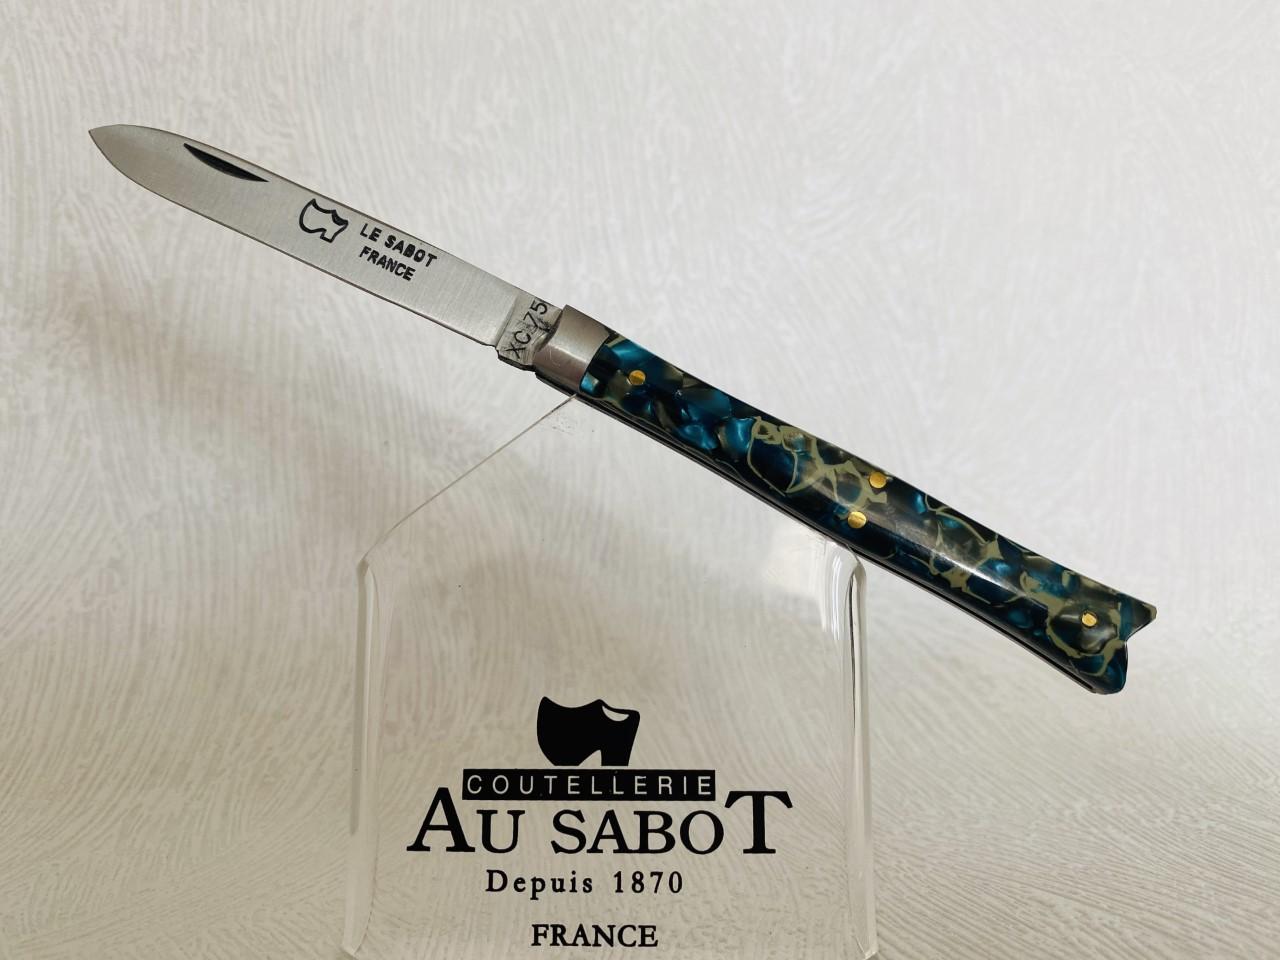 """Couteau de poche """" Queue de poisson """" au prix de 35,90 euros ."""